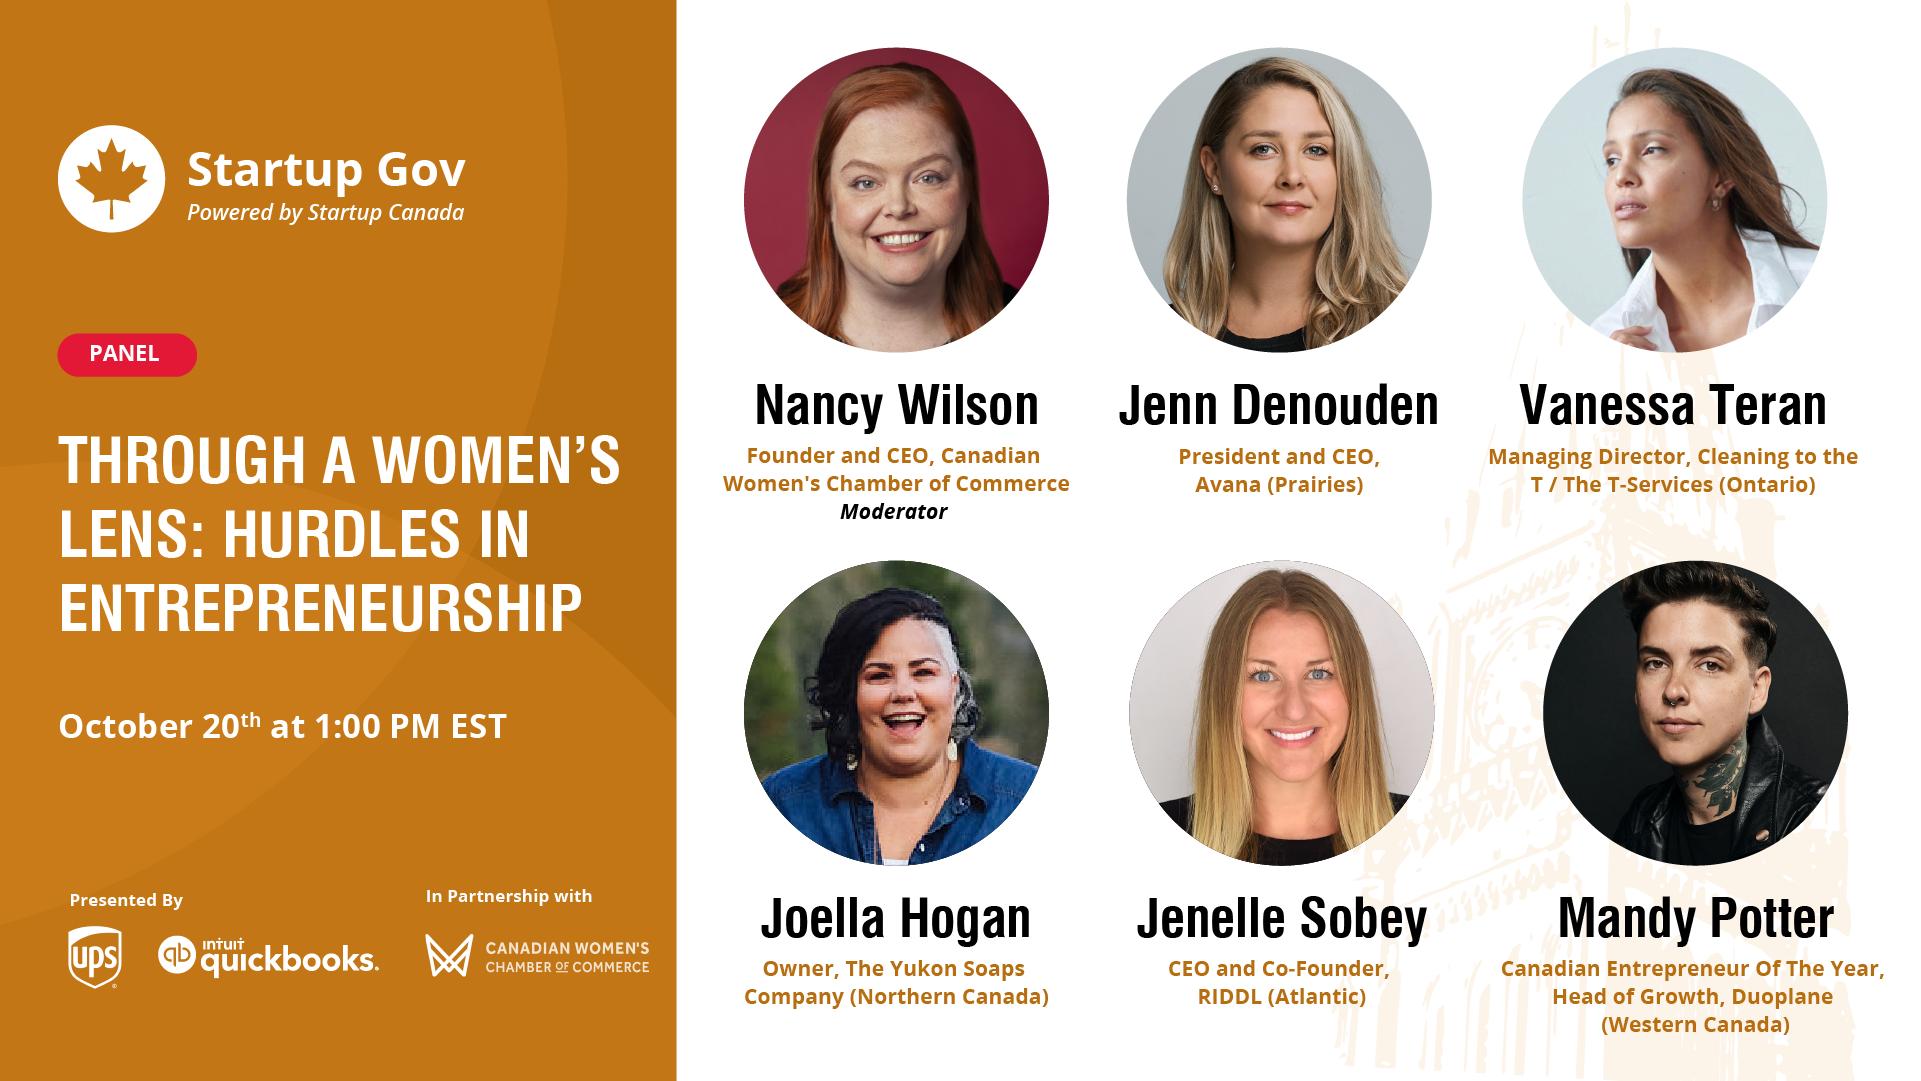 Through a Women's Lens: Hurdles in Entrepreneurship